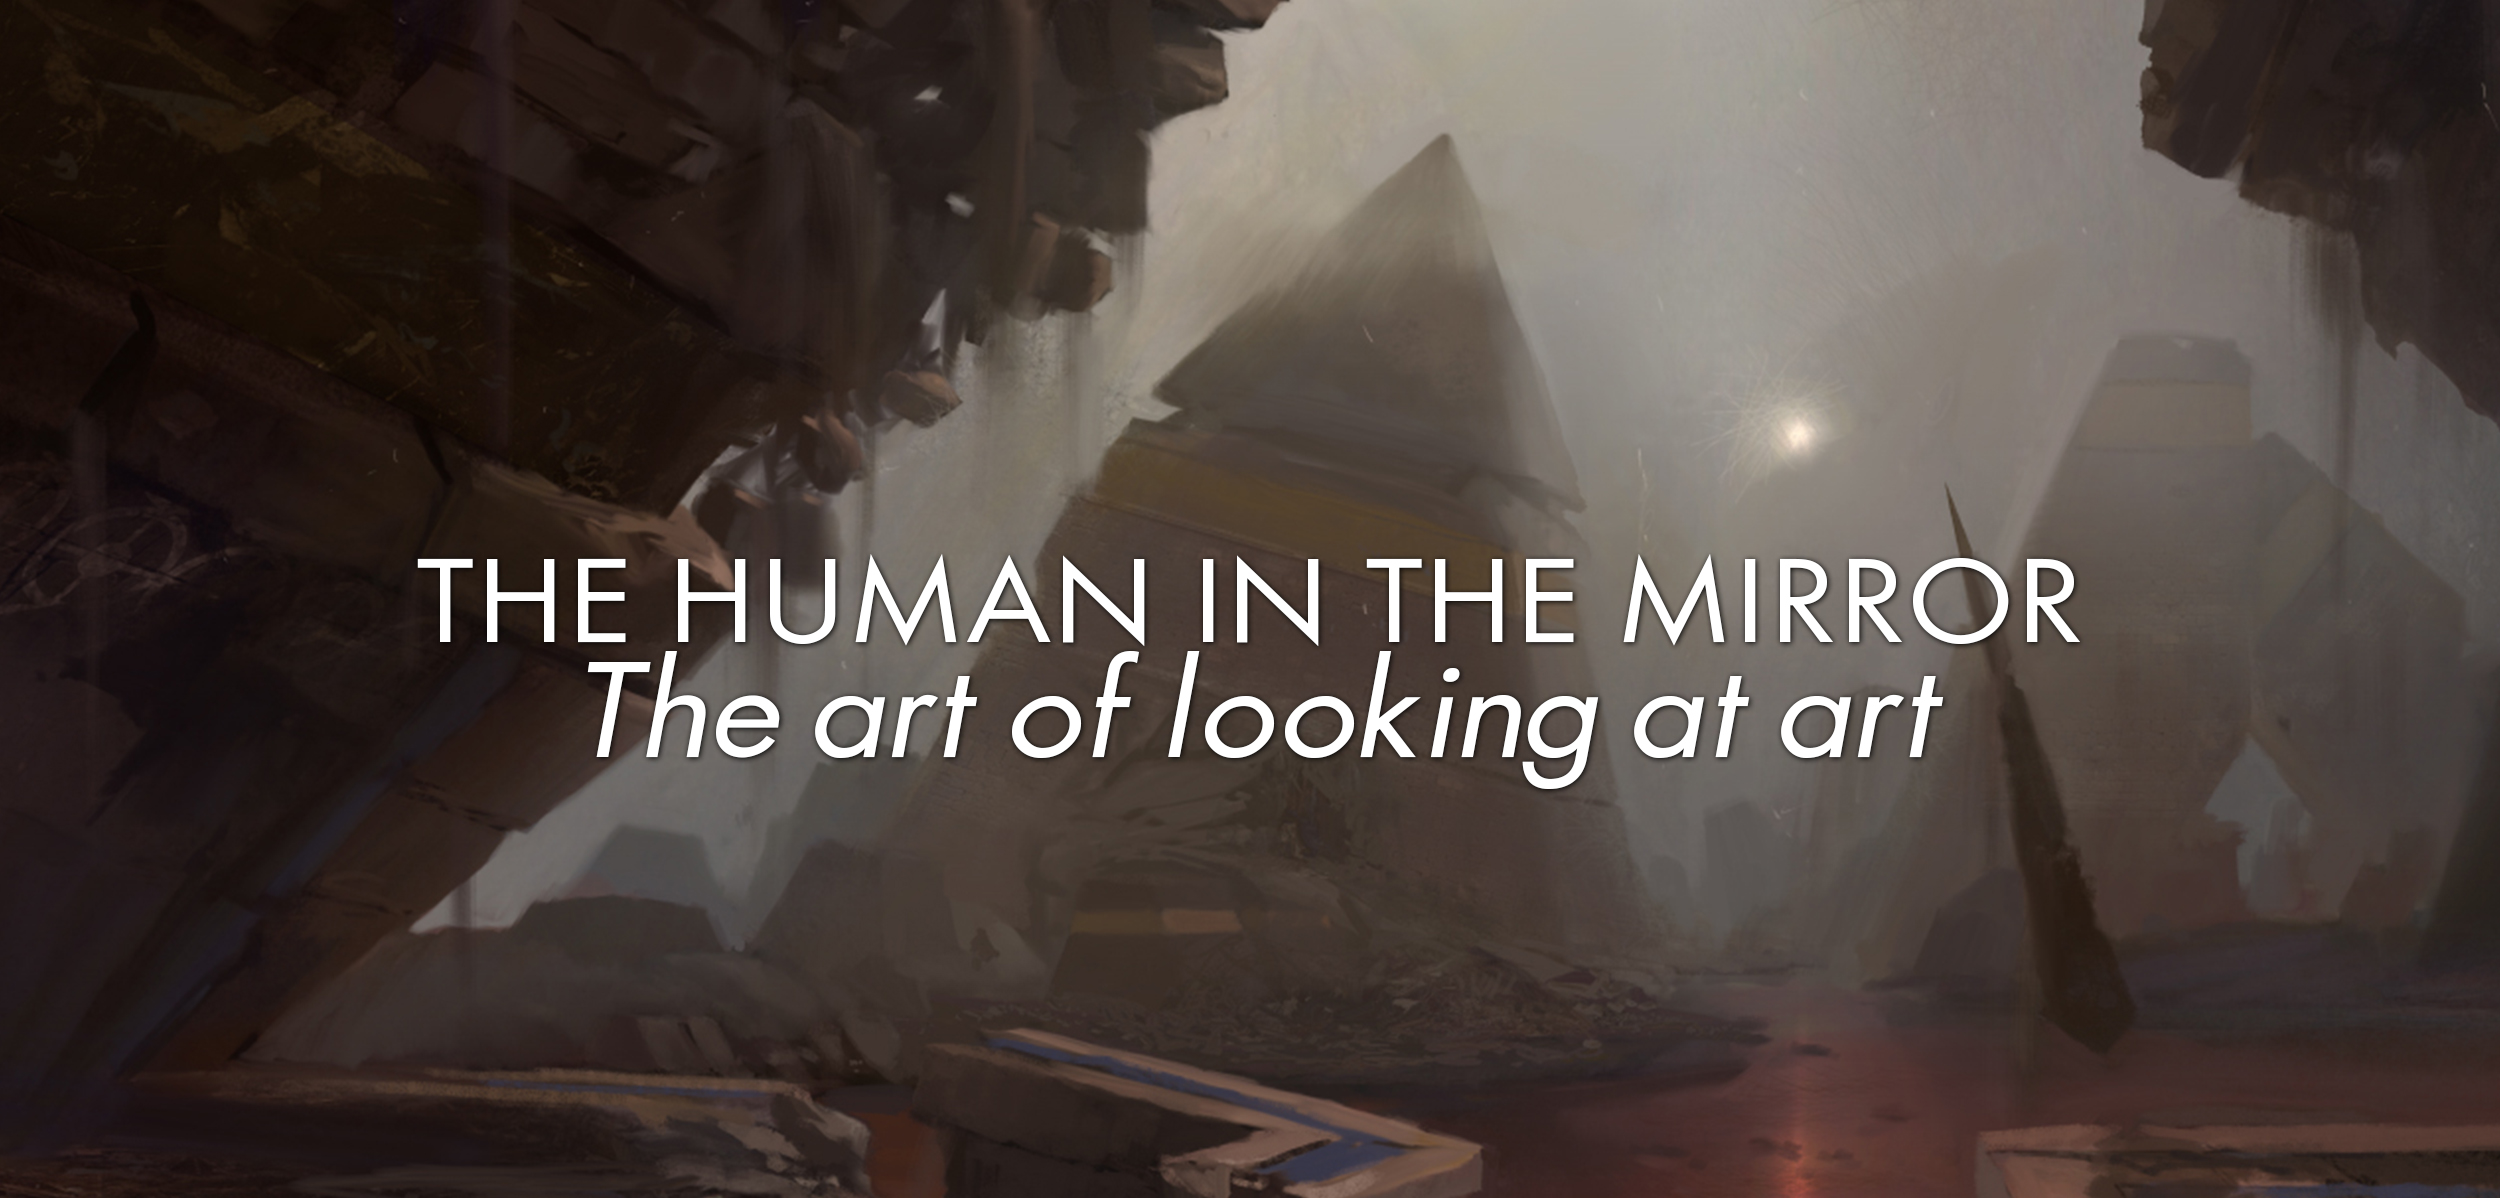 HumanInTheMirror.jpg